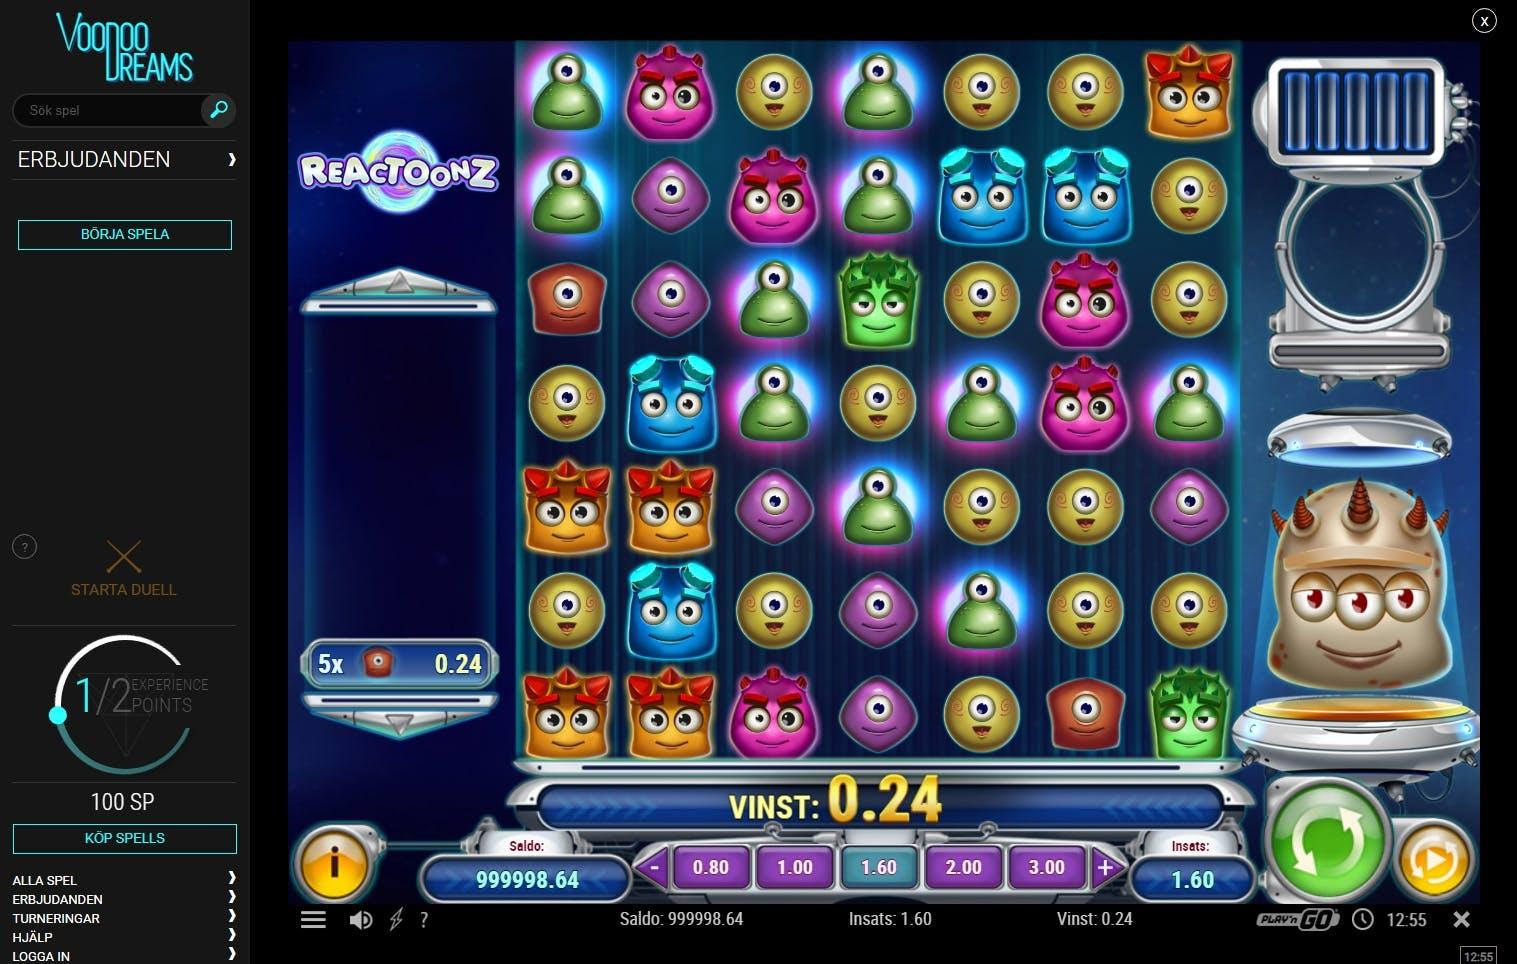 Vadslagning på nätet Reactoonz casino spelas